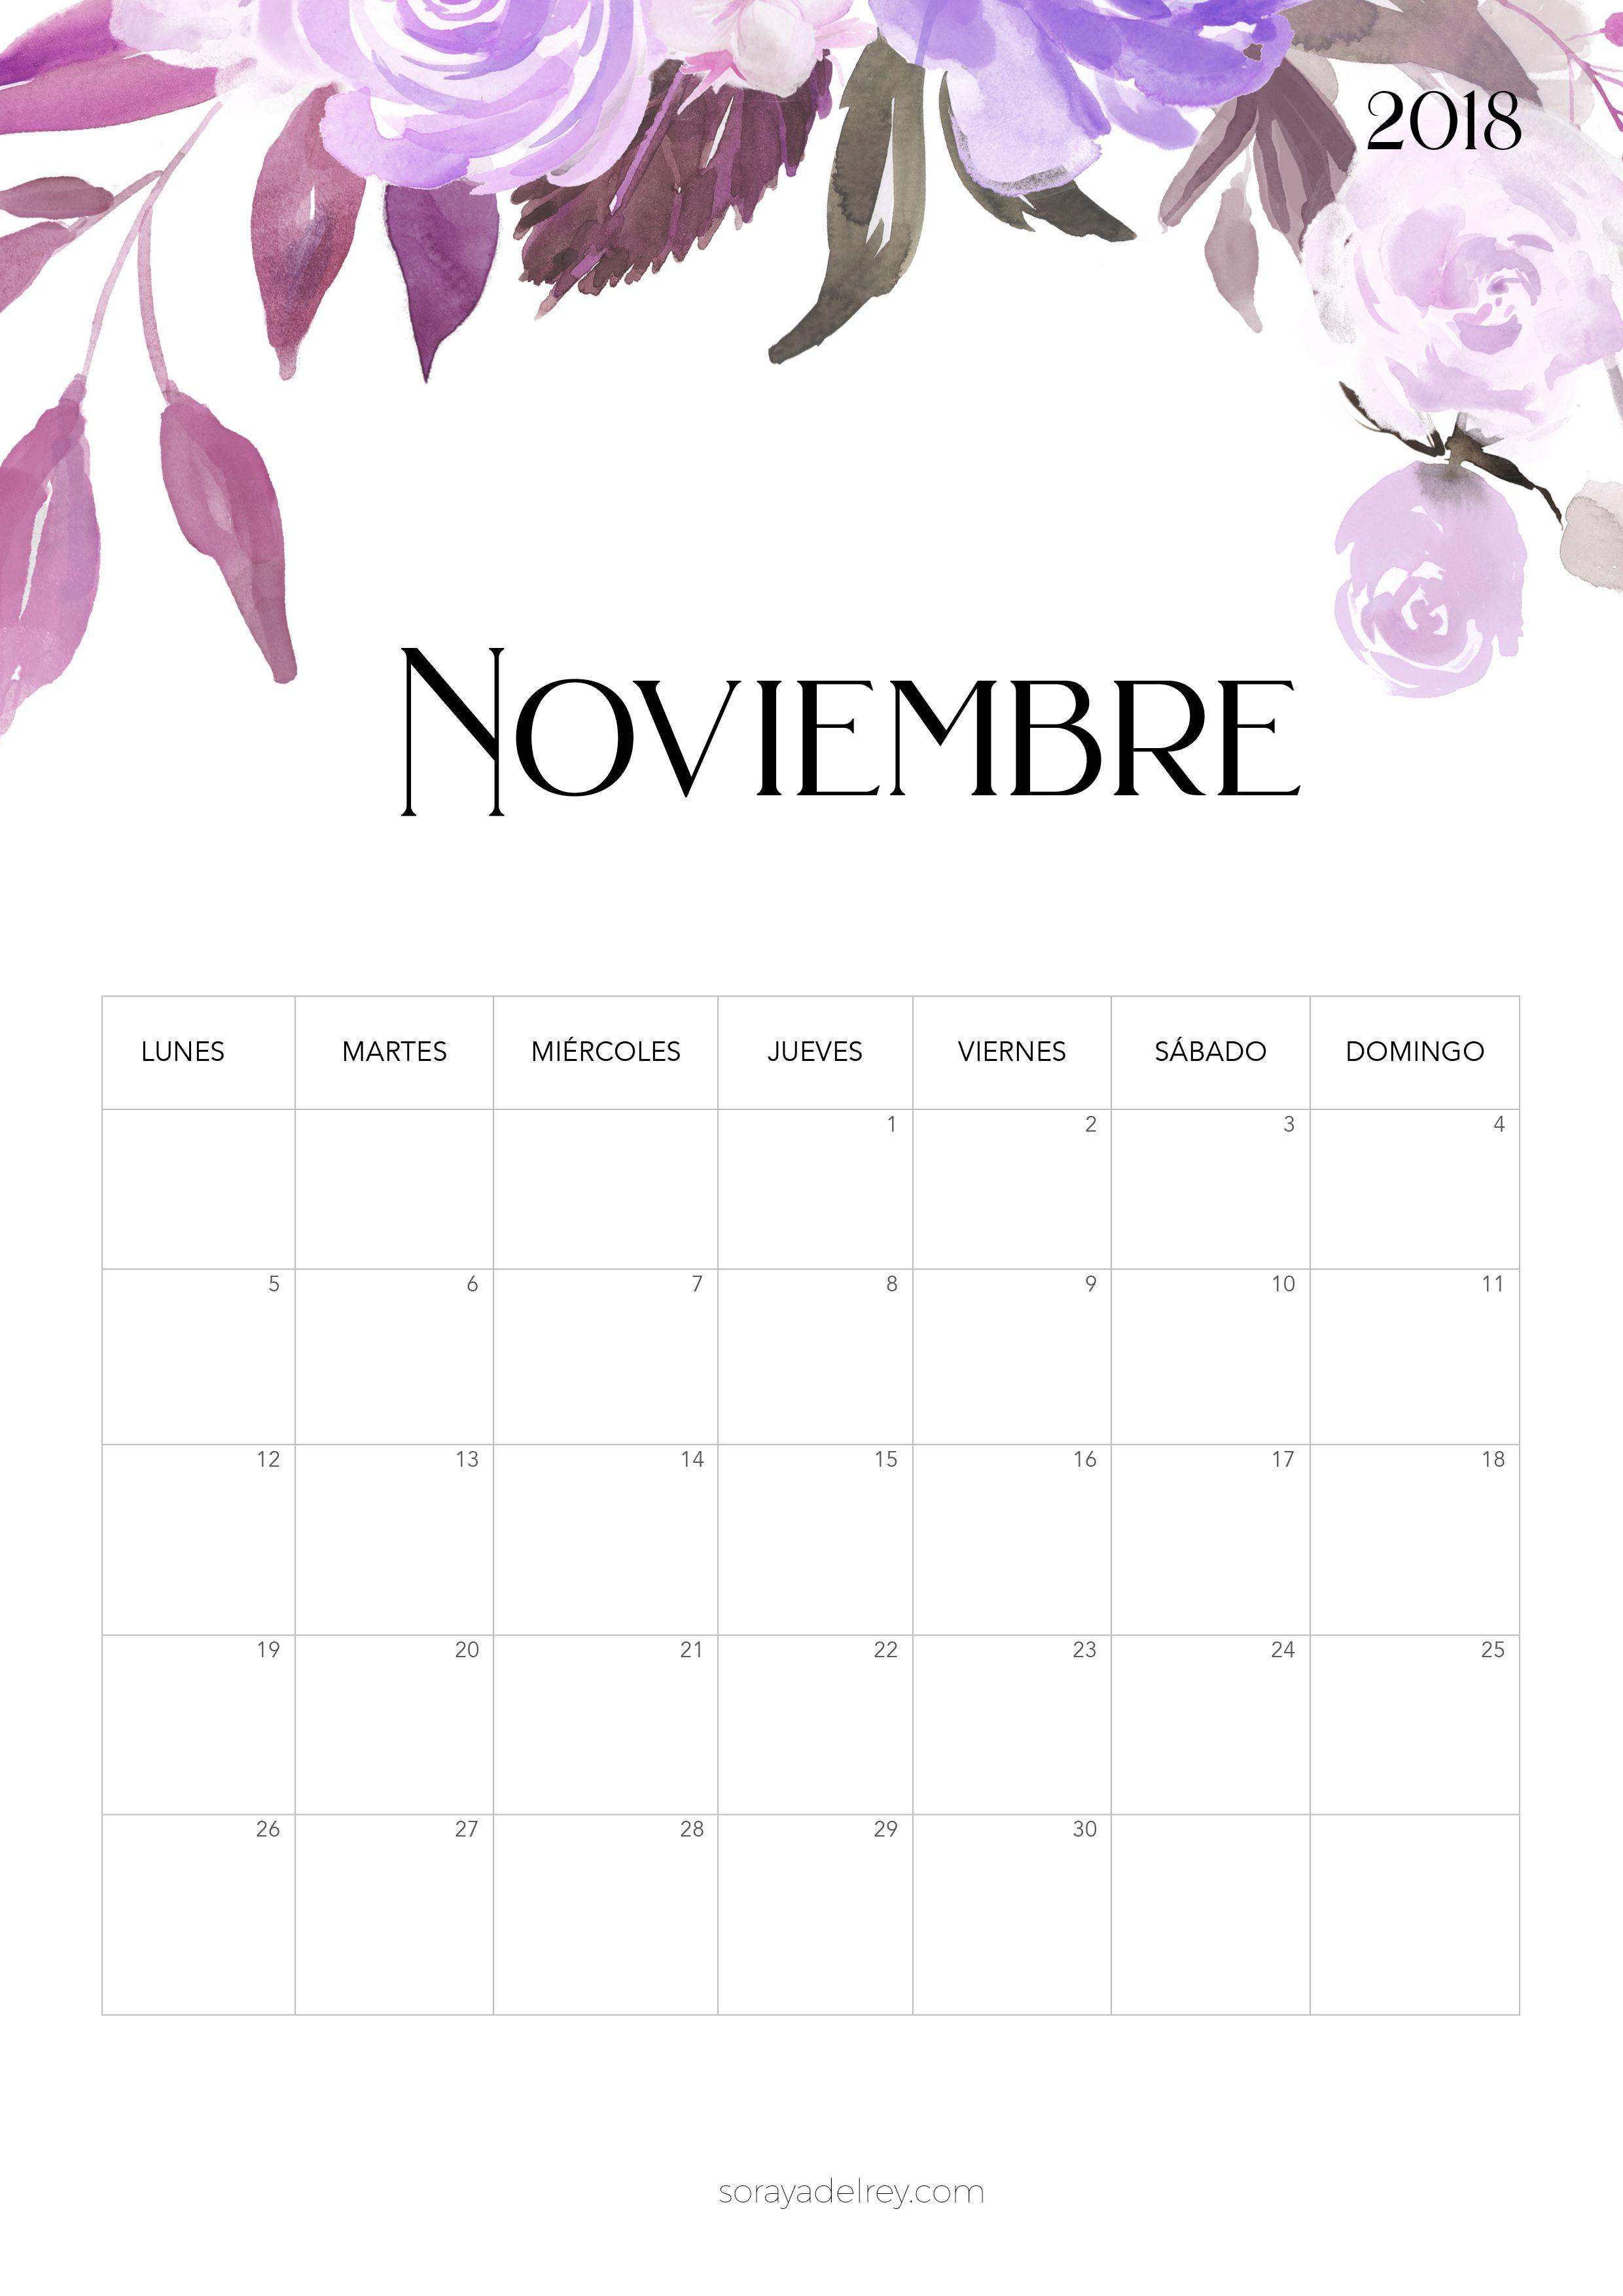 Calendario 2017 En Blanco Para Imprimir Argentina Recientes Calendario Para Imprimir 2018 2019 Ideas Y Regalos Of Calendario 2017 En Blanco Para Imprimir Argentina Más Arriba-a-fecha Blend Calendario Para Escribir — Blendiberia